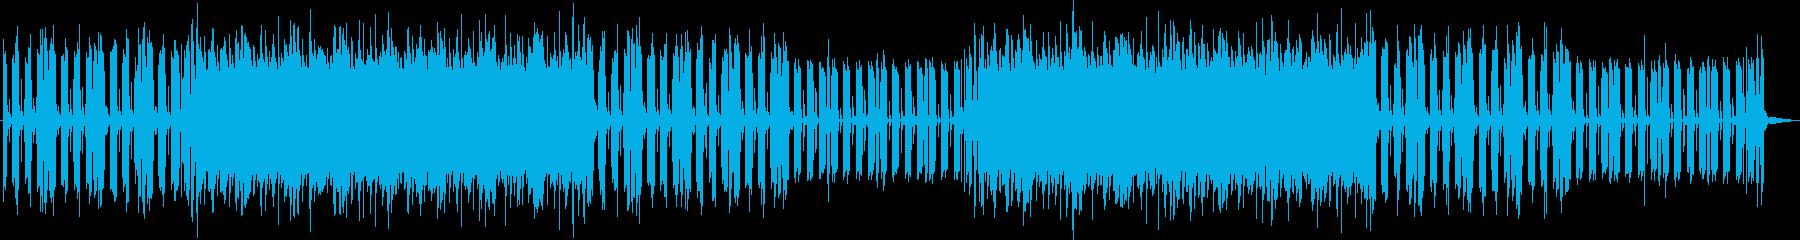 爽やかエレピのシンプルなBGMの再生済みの波形